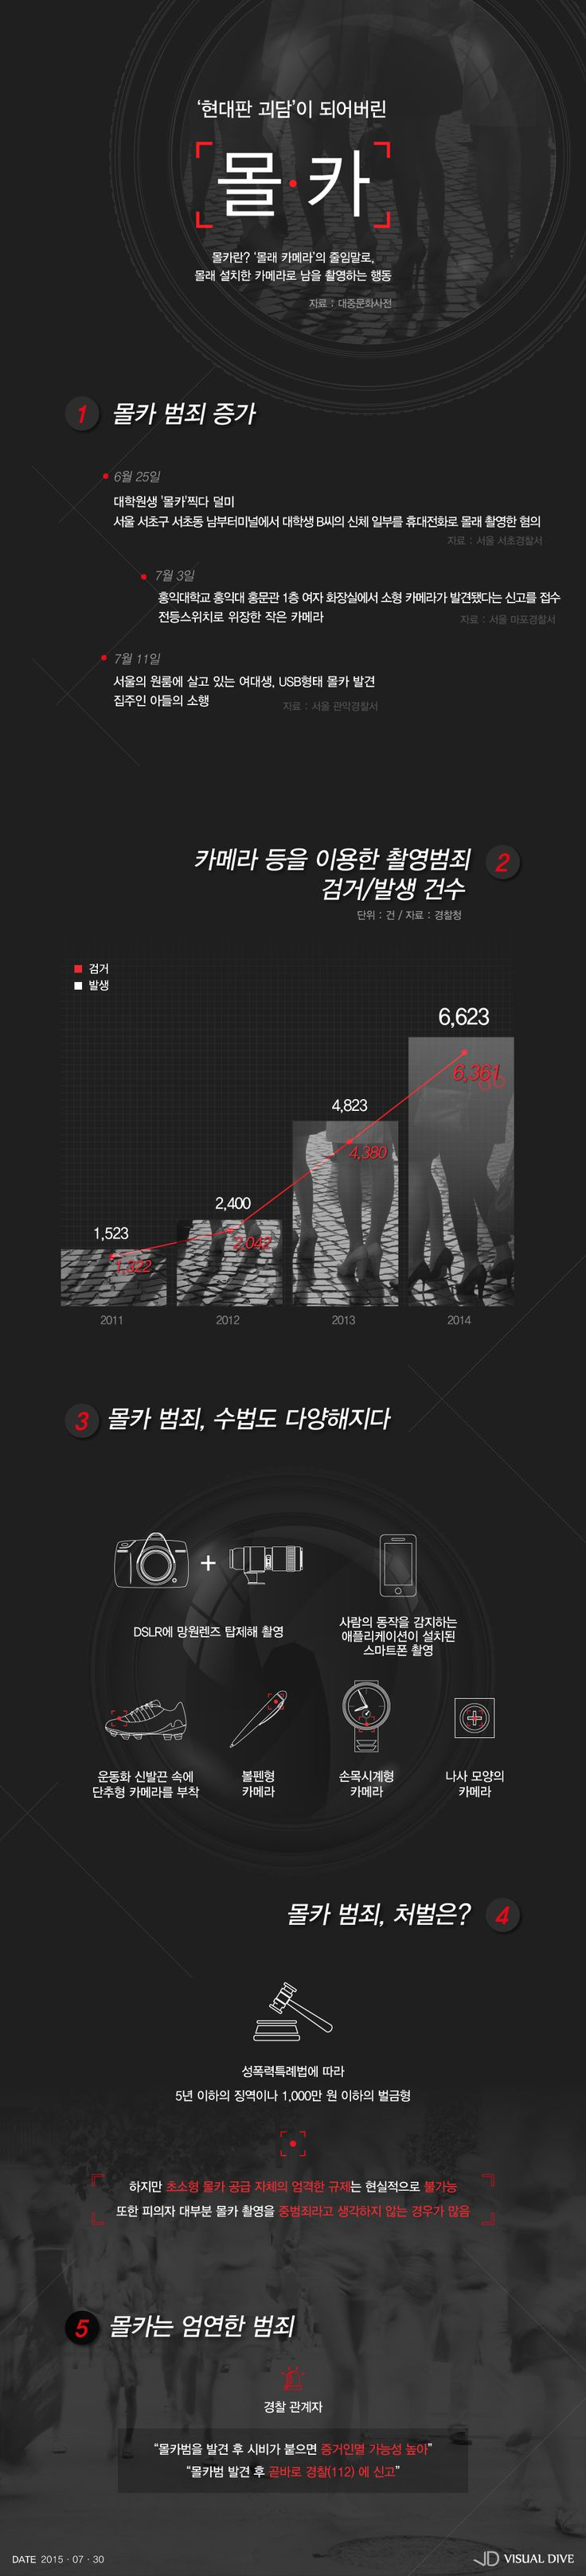 현대판 신종괴담? 당신을 노리는 '몰카' 범죄 [인포그래픽] #Hidden_Camera / #Infographic ⓒ 비주얼다이브 무단 복사·전재·재배포 금지